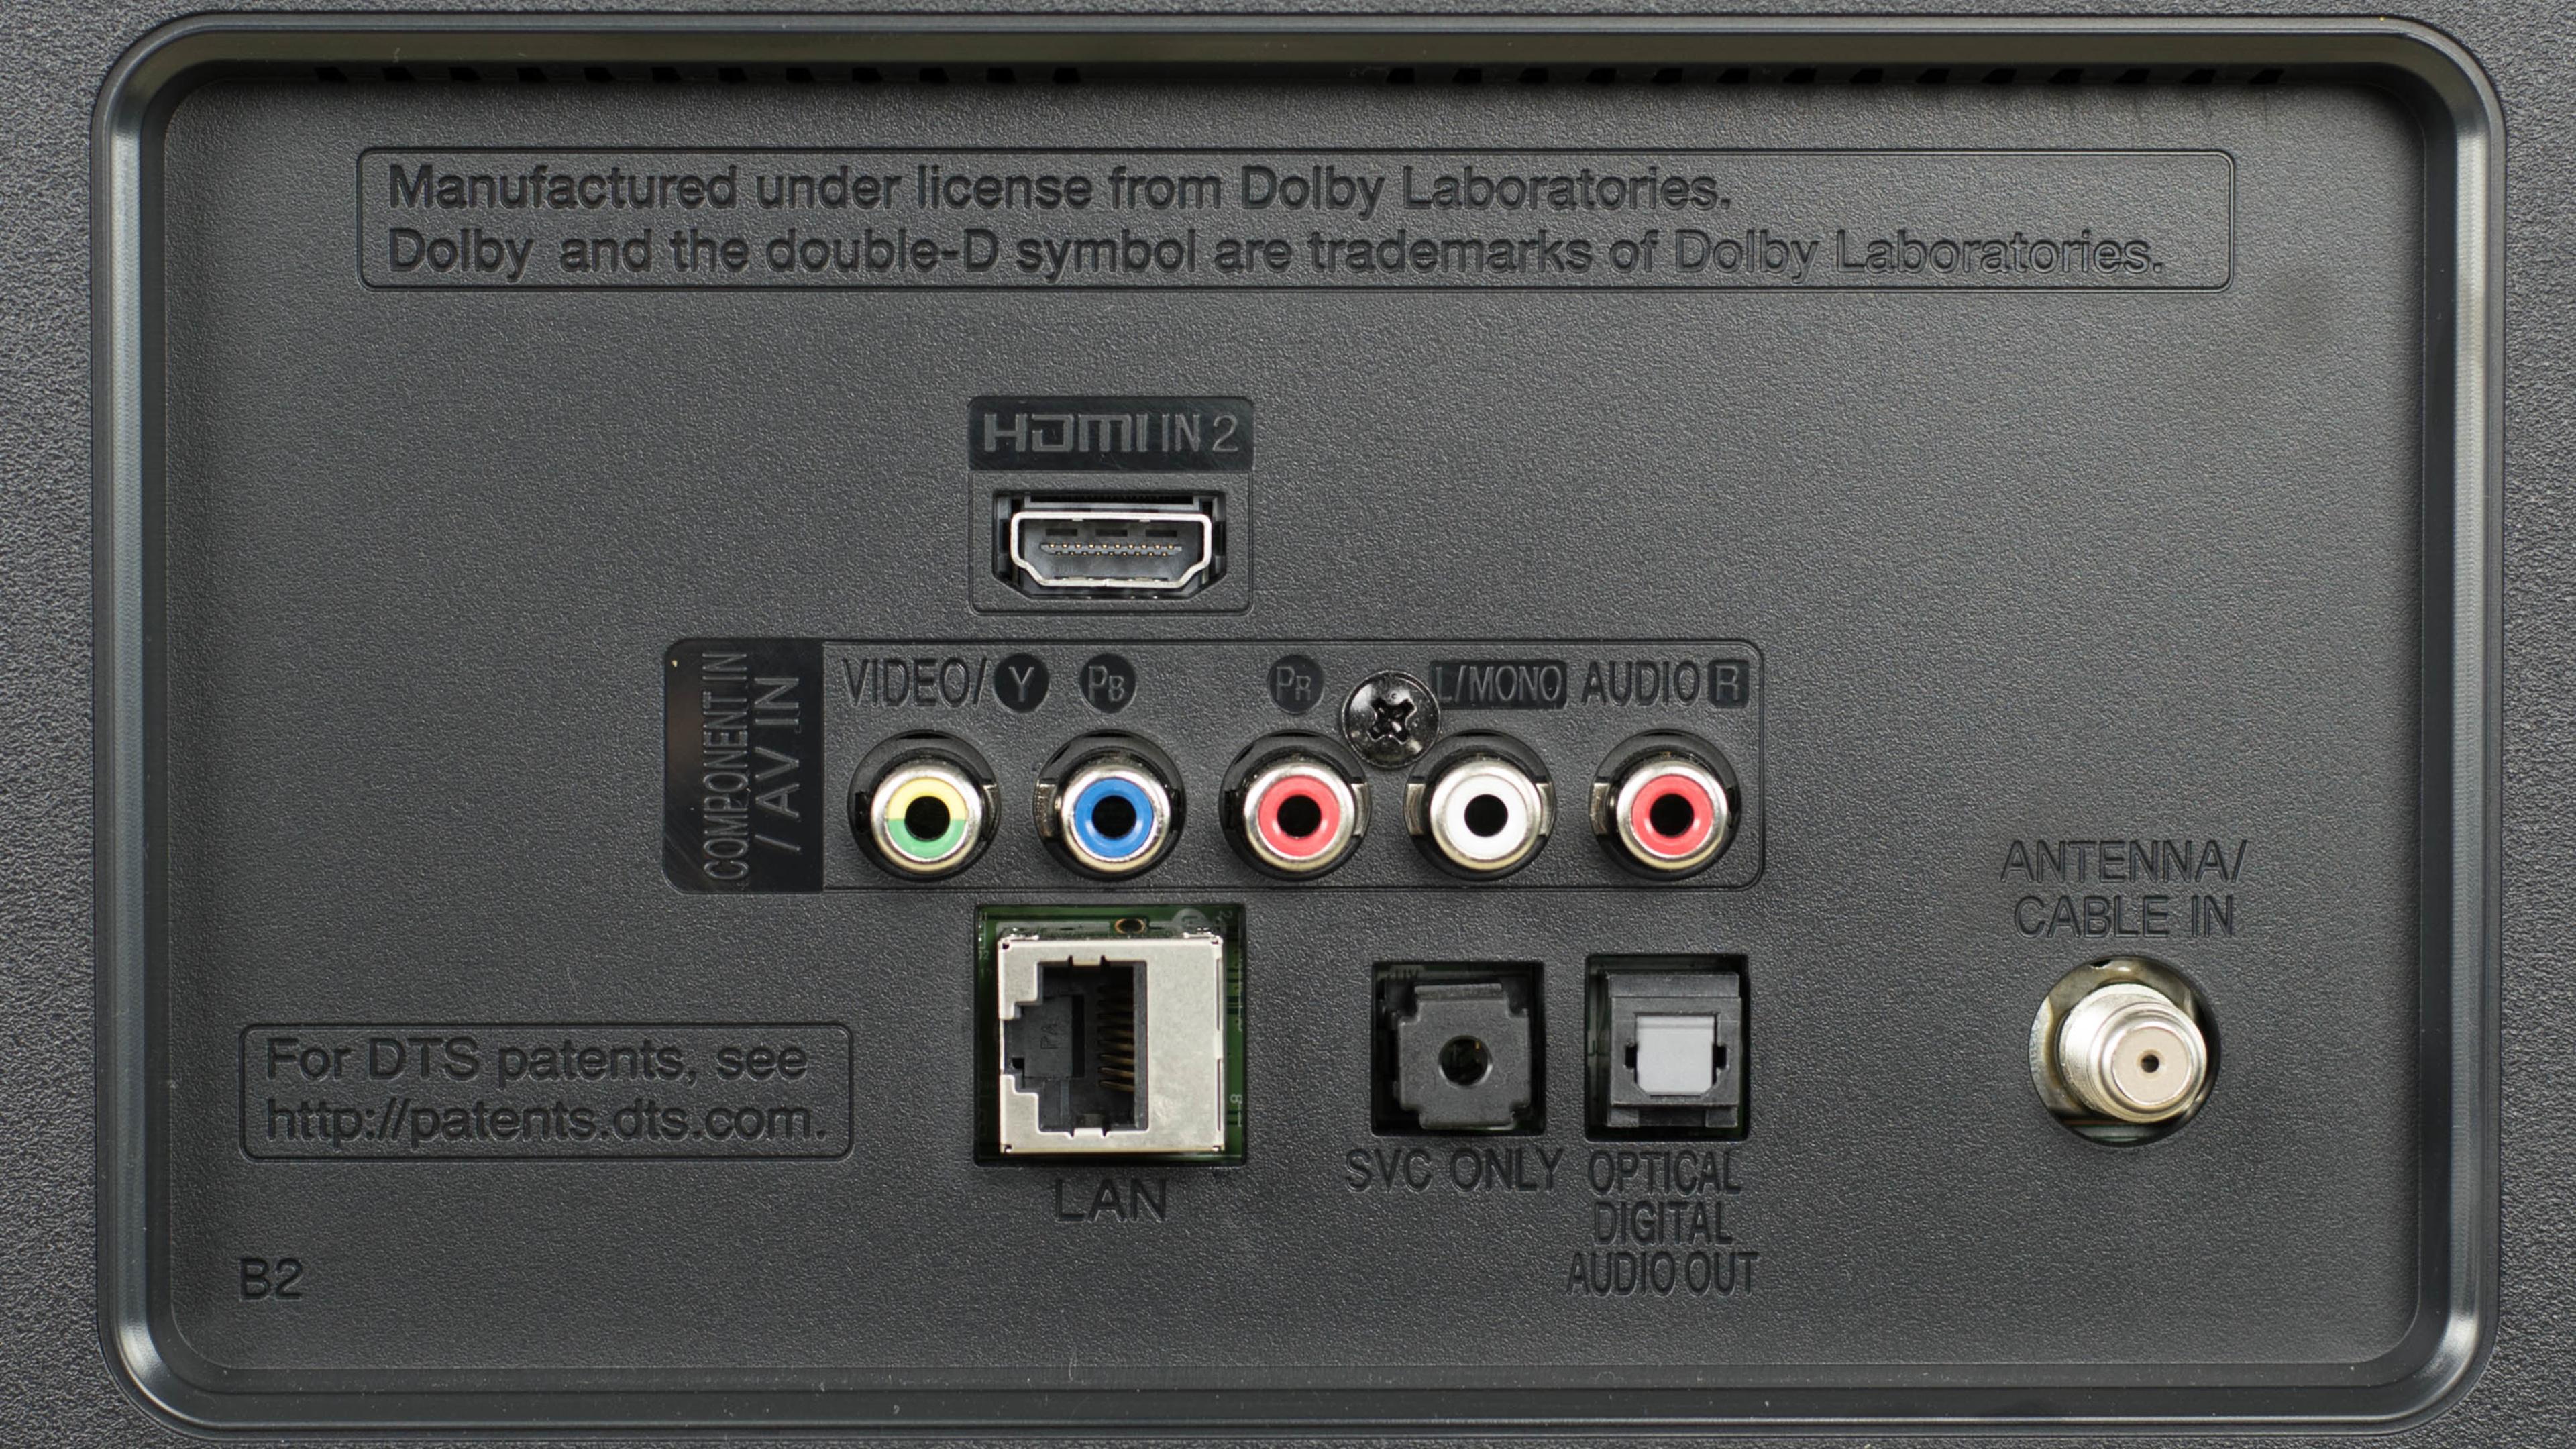 Kết quả hình ảnh cho LG 55LH5750 HD TV